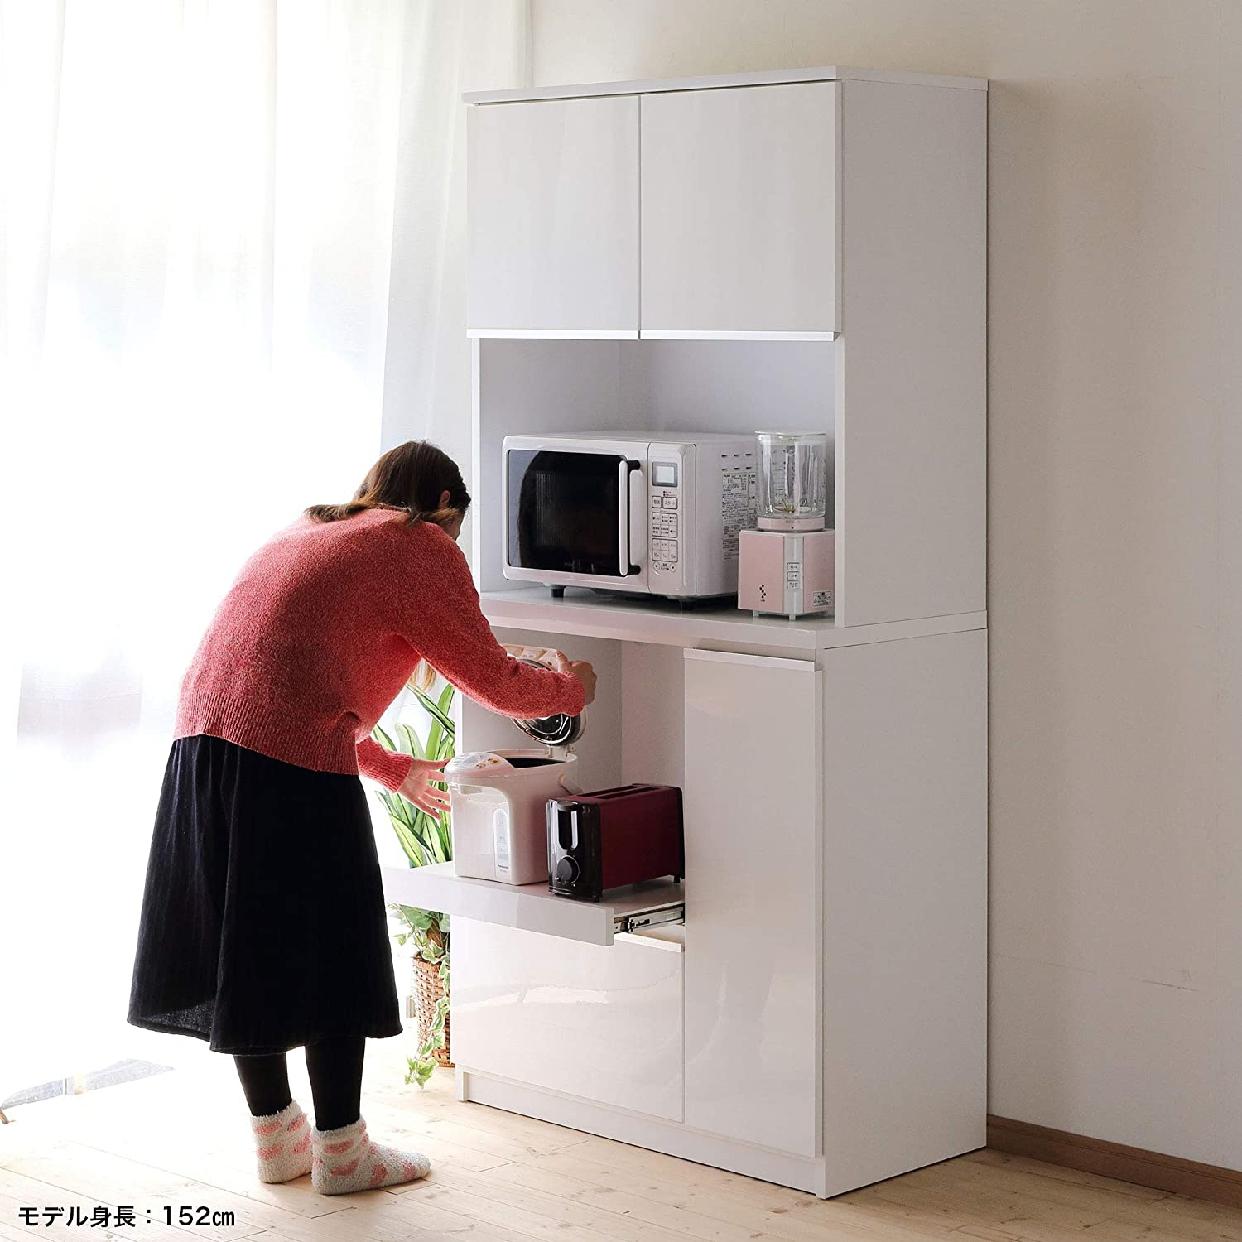 ナポリレンジ台 食器棚コンセント付 完成品 幅88.8cmの商品画像7